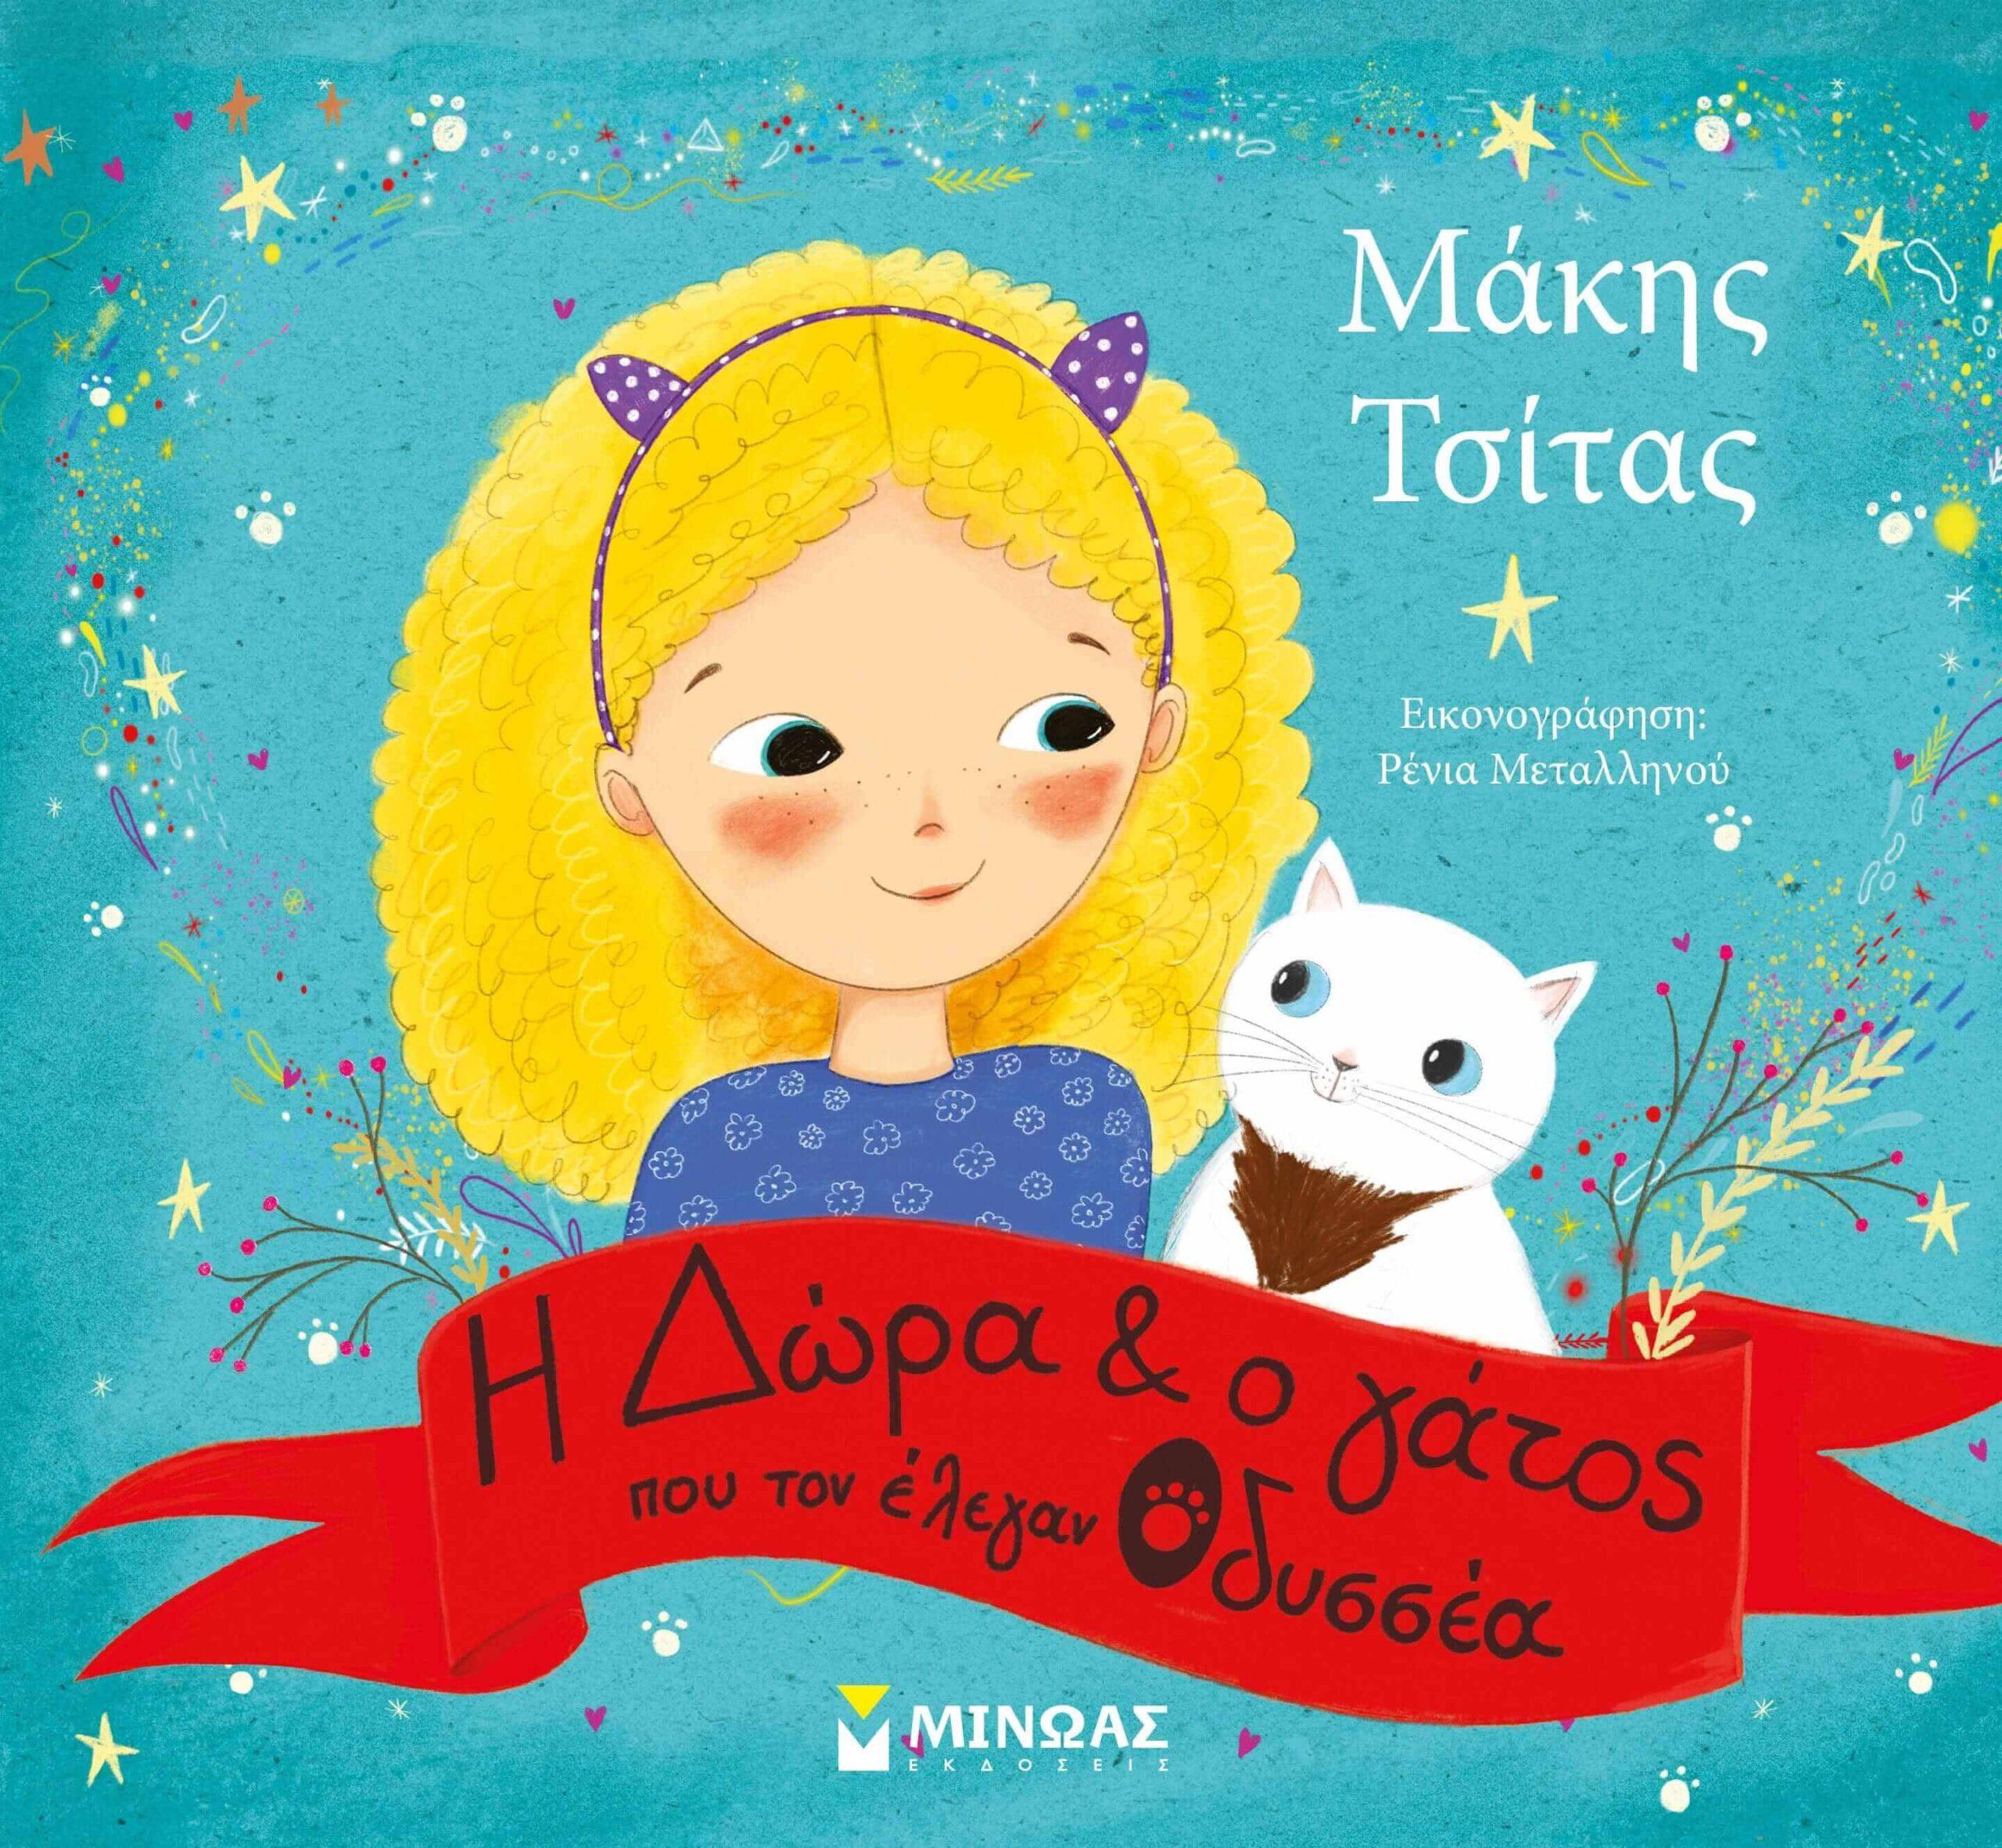 «Η Δώρα και ο γάτος που τον έλεγαν Οδυσσέα»: Το νέο παραμύθι του Μάκη Τσίτα